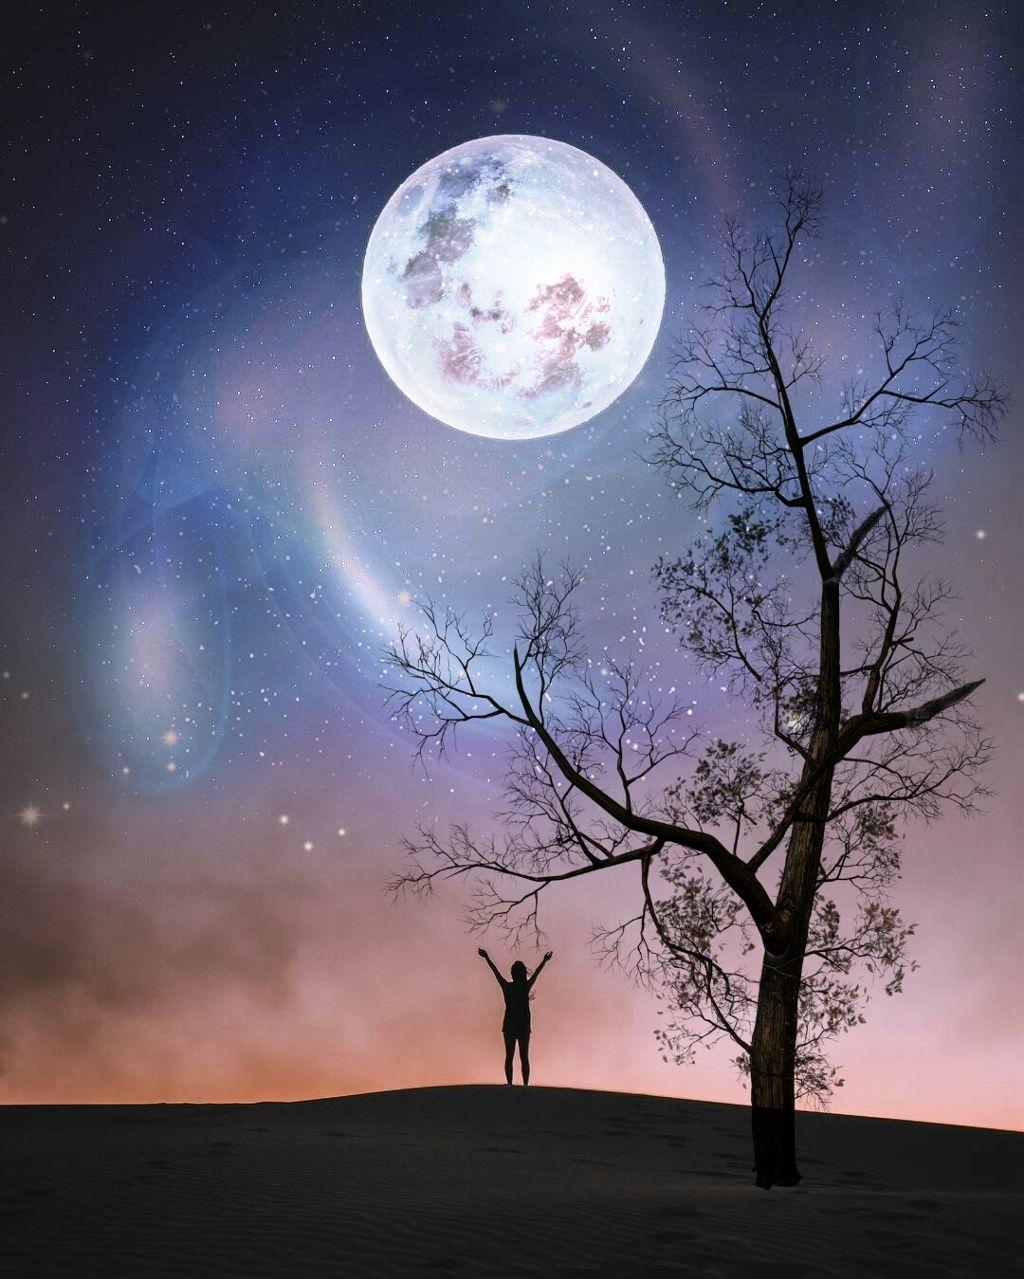 #freetoedit #moon #galaxy #bigbang #silhouette